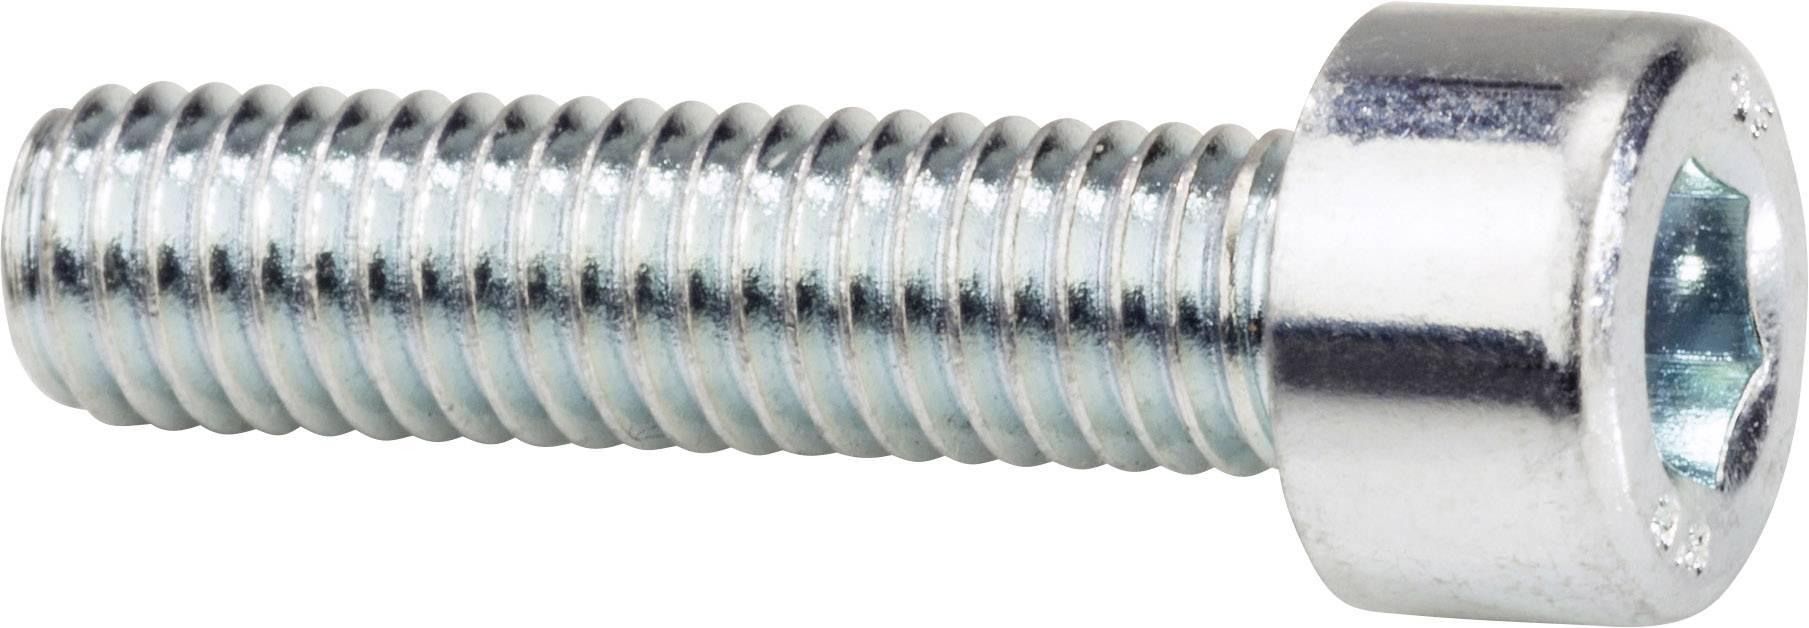 Šrouby s válcovou hlavou 912, 3x20, 100 ks